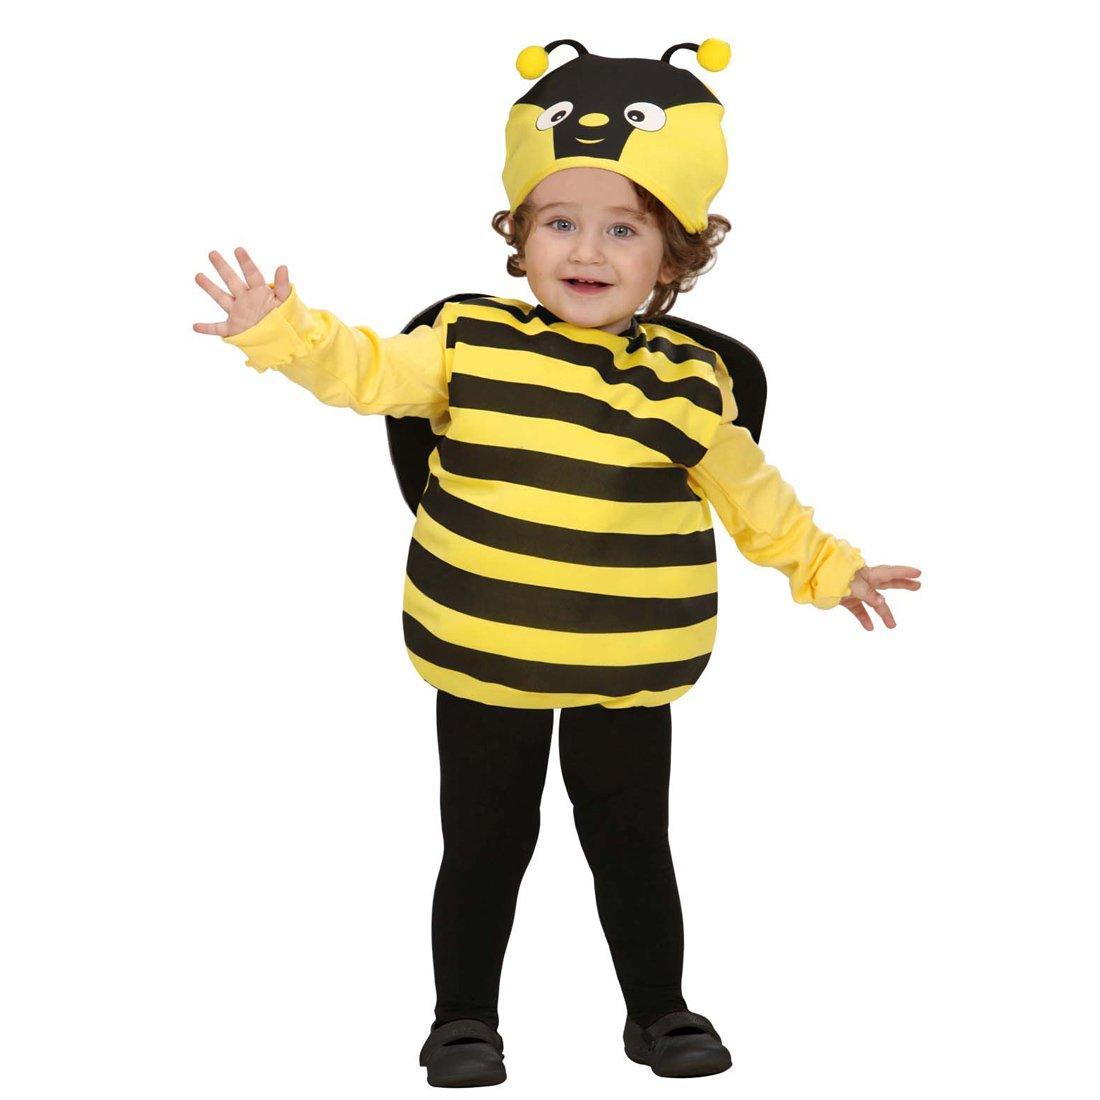 NET TOYS Bienen Kostü m Bienenkostü m Kinder 90-98 cm 1-2 Jahre Kinderkostü m Hummel Faschingskostü m Bienchen Babykostü m Tierkostü m Karnevalskostü m Baby